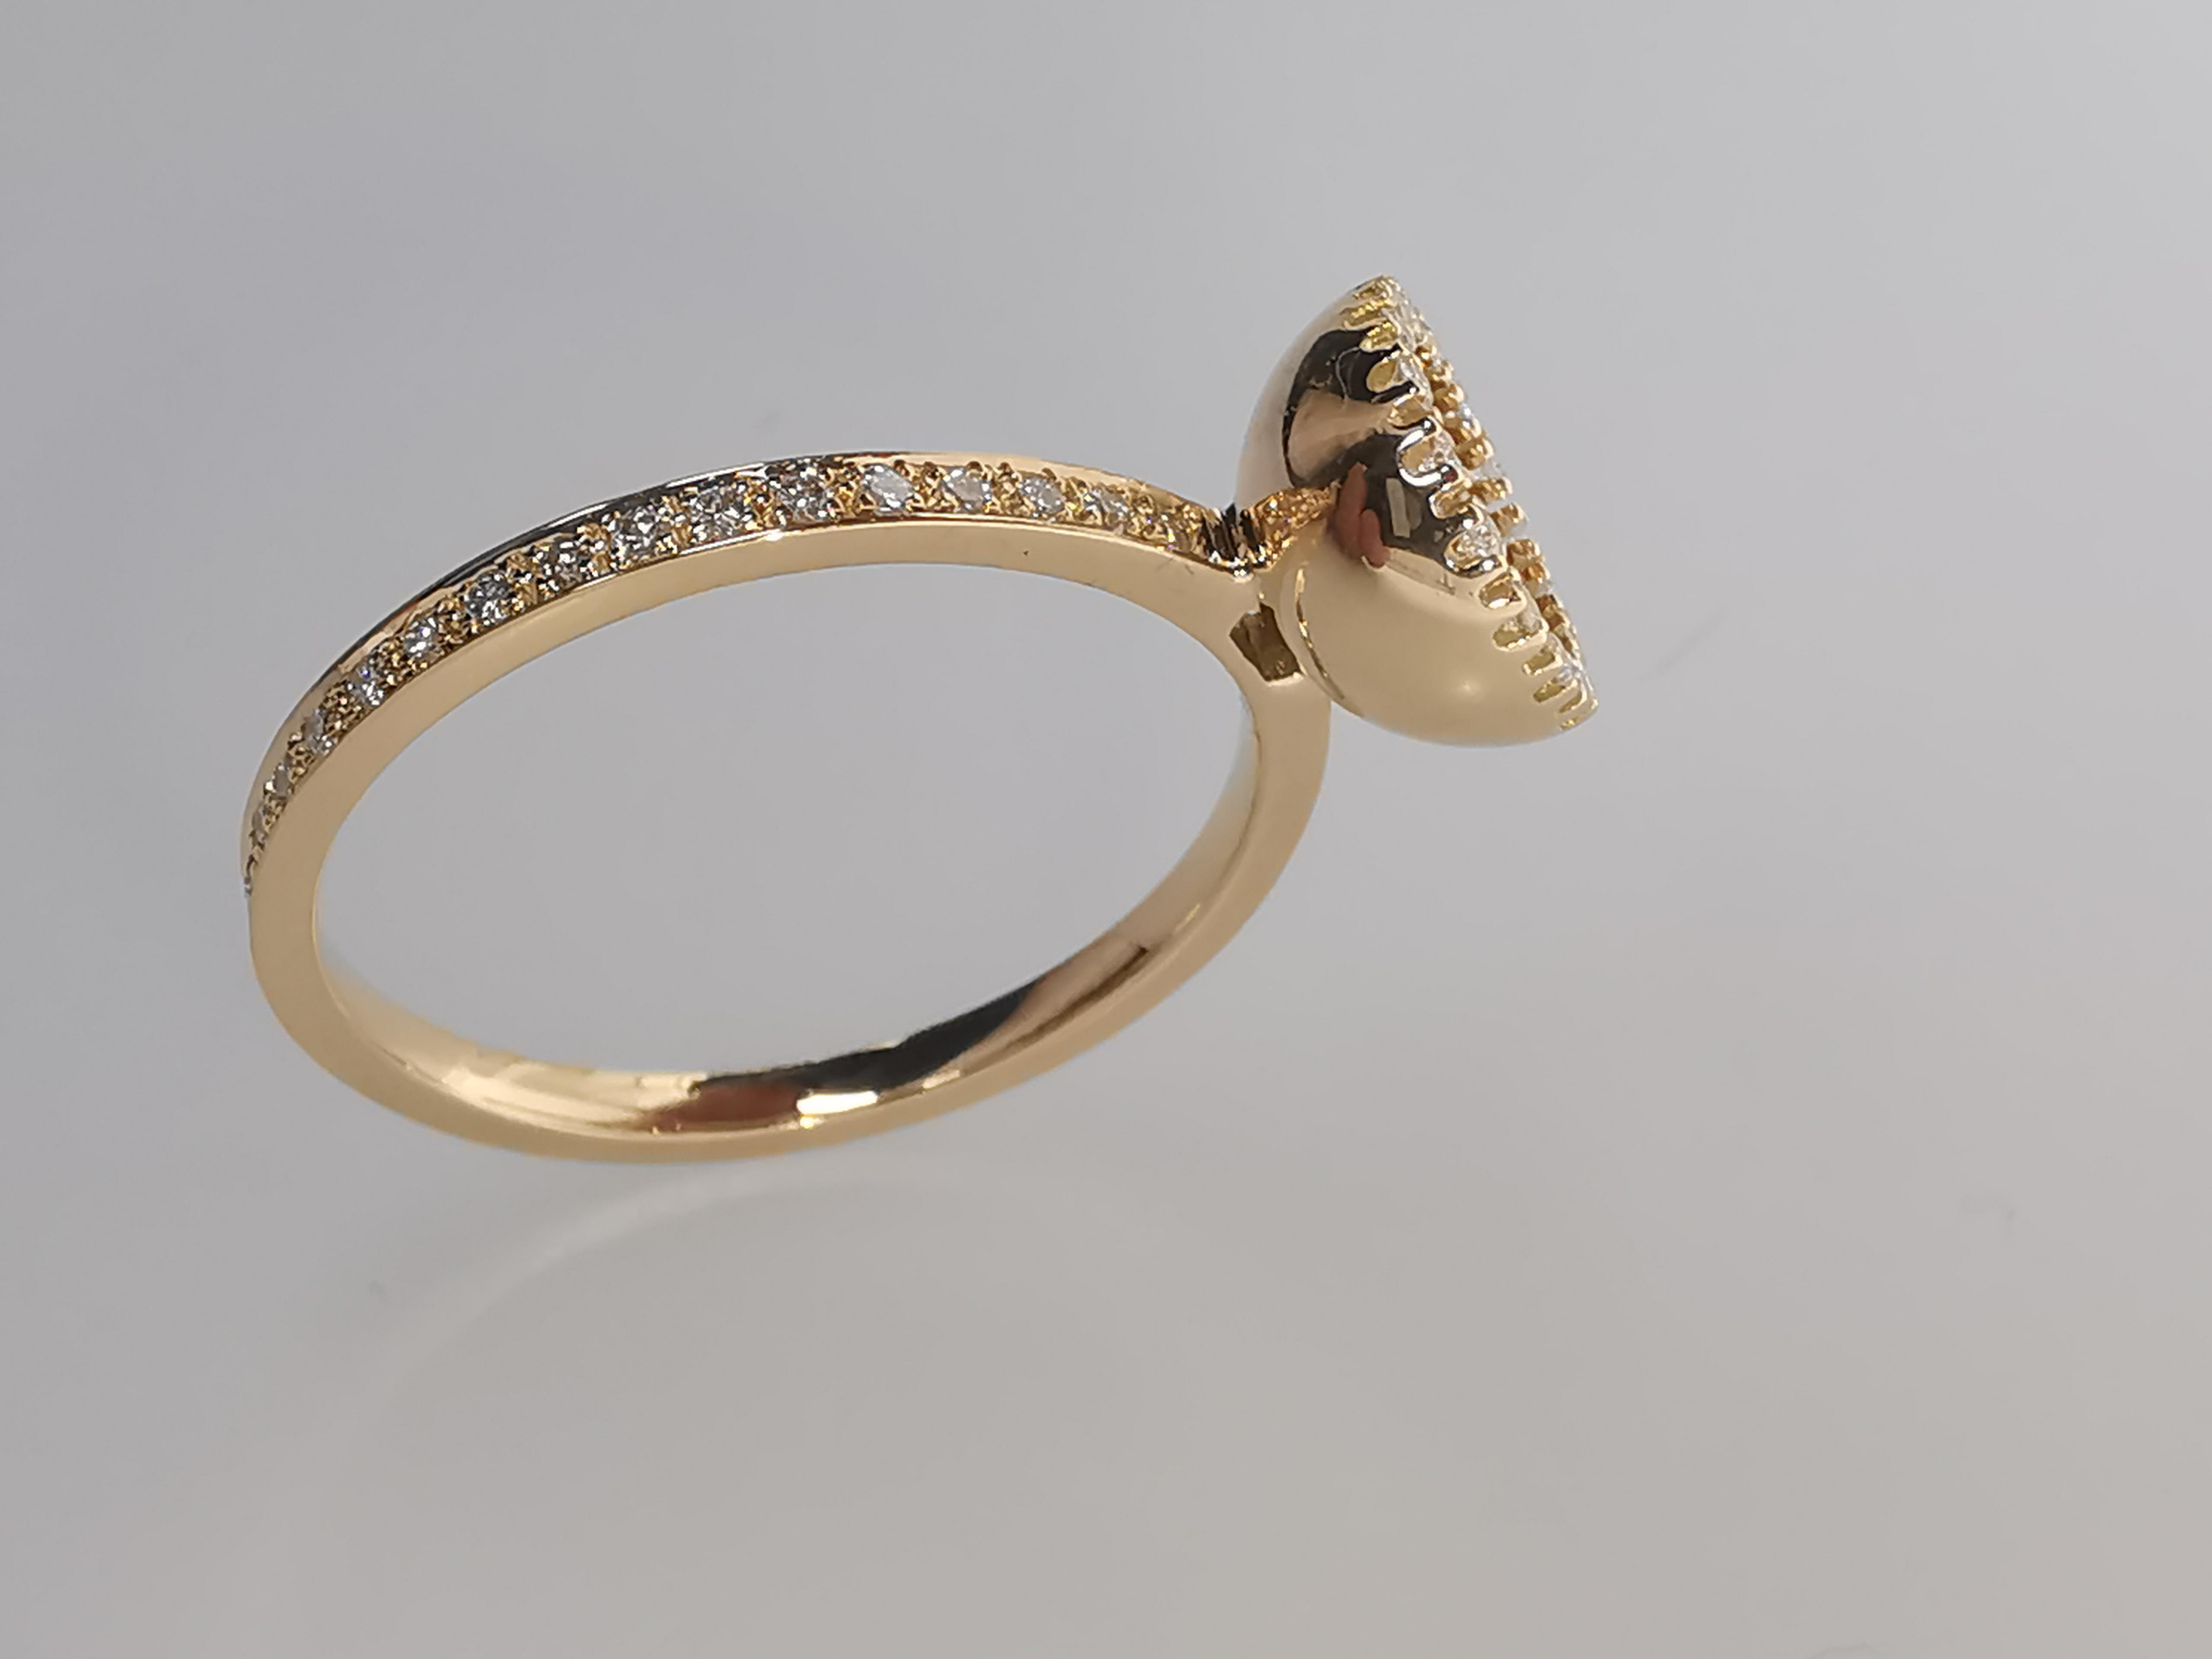 Brillantring 750 | 18 Karat Gold